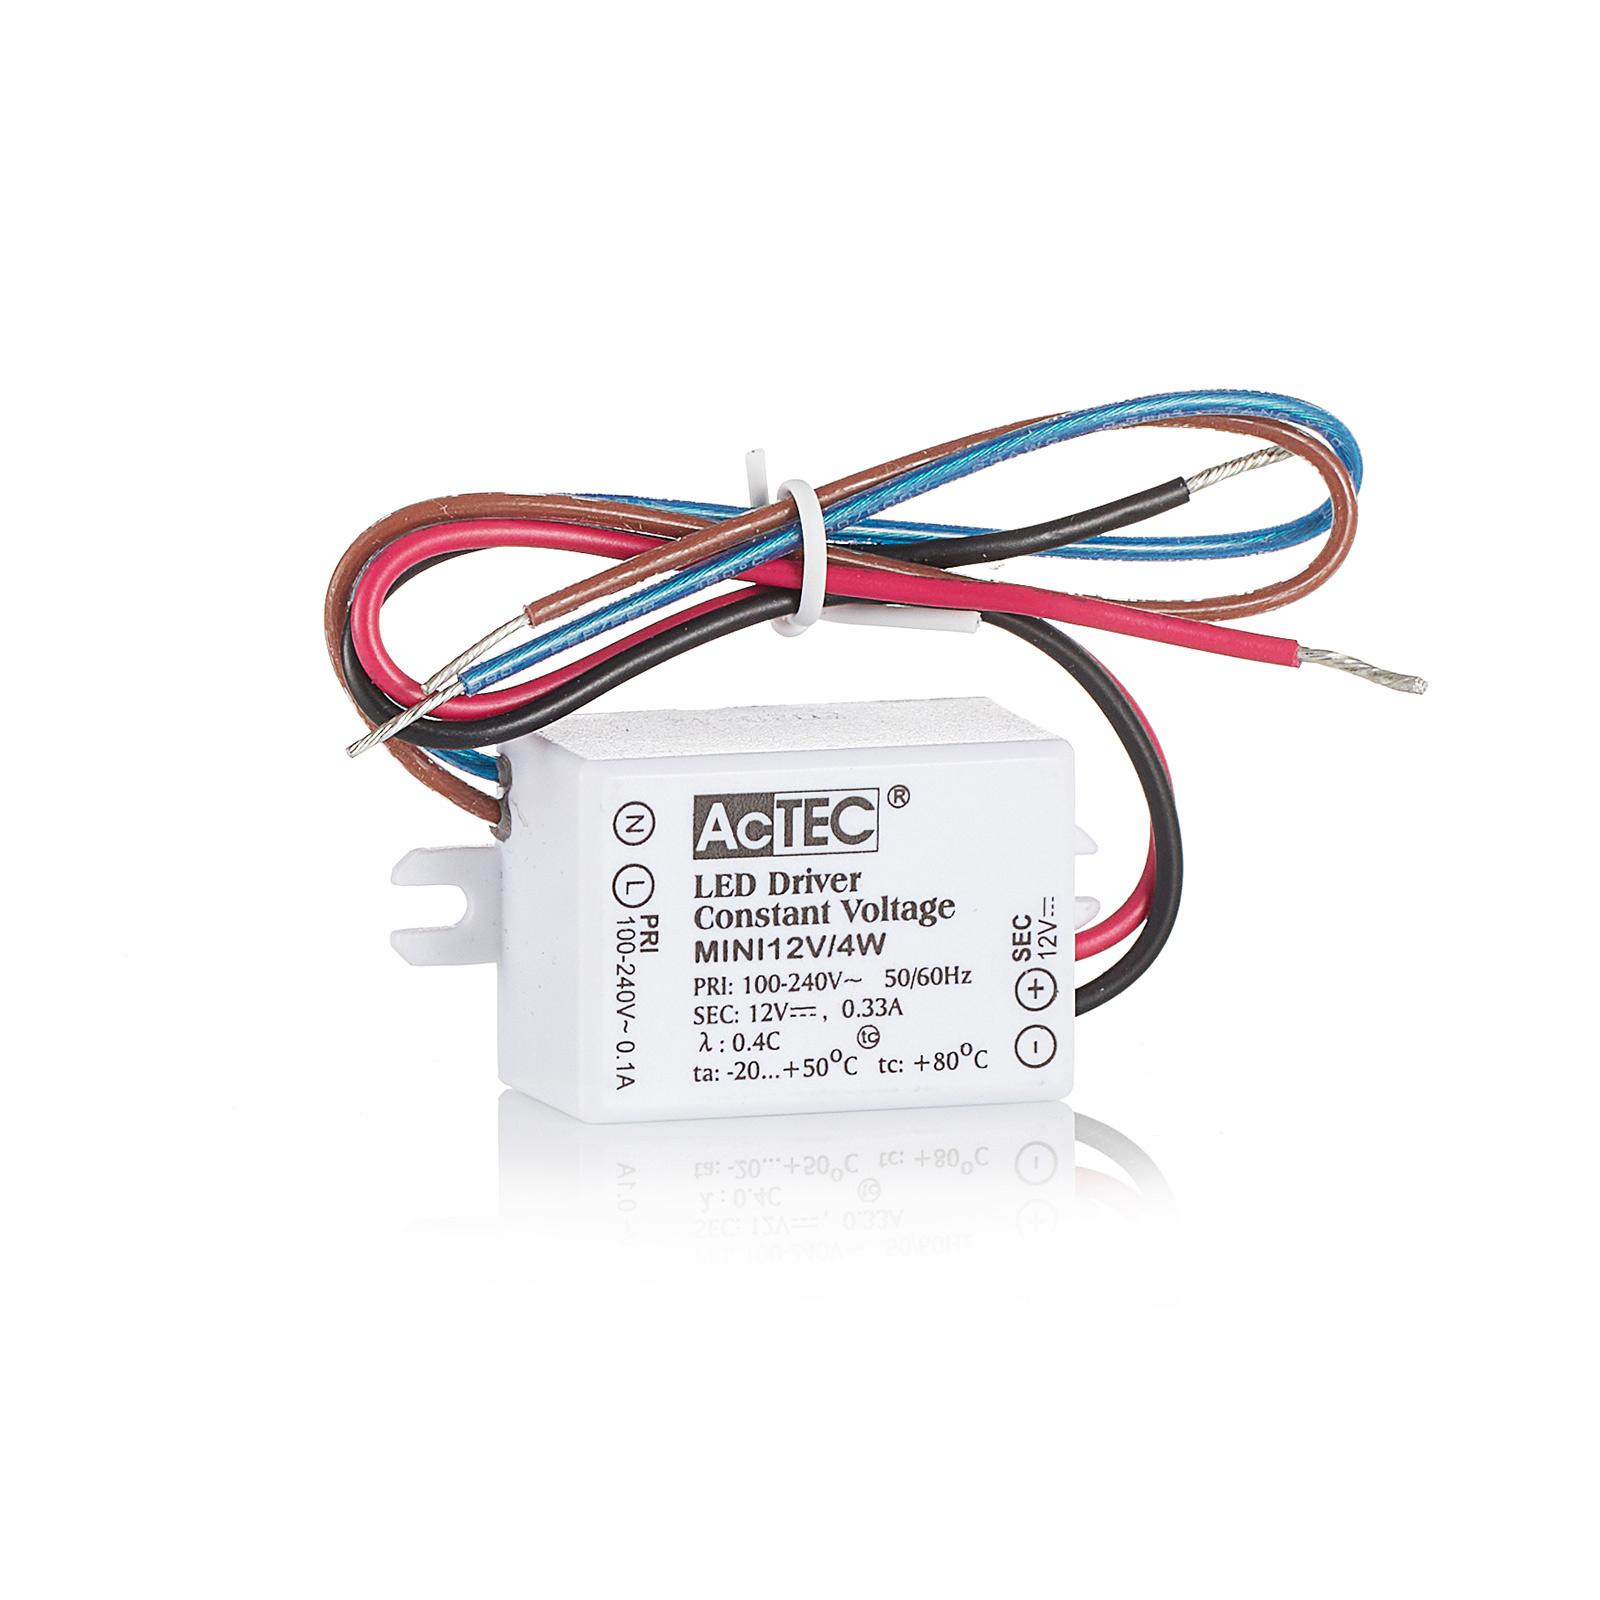 AcTEC Mini LED-driver CV 12 V, 4 W, IP65